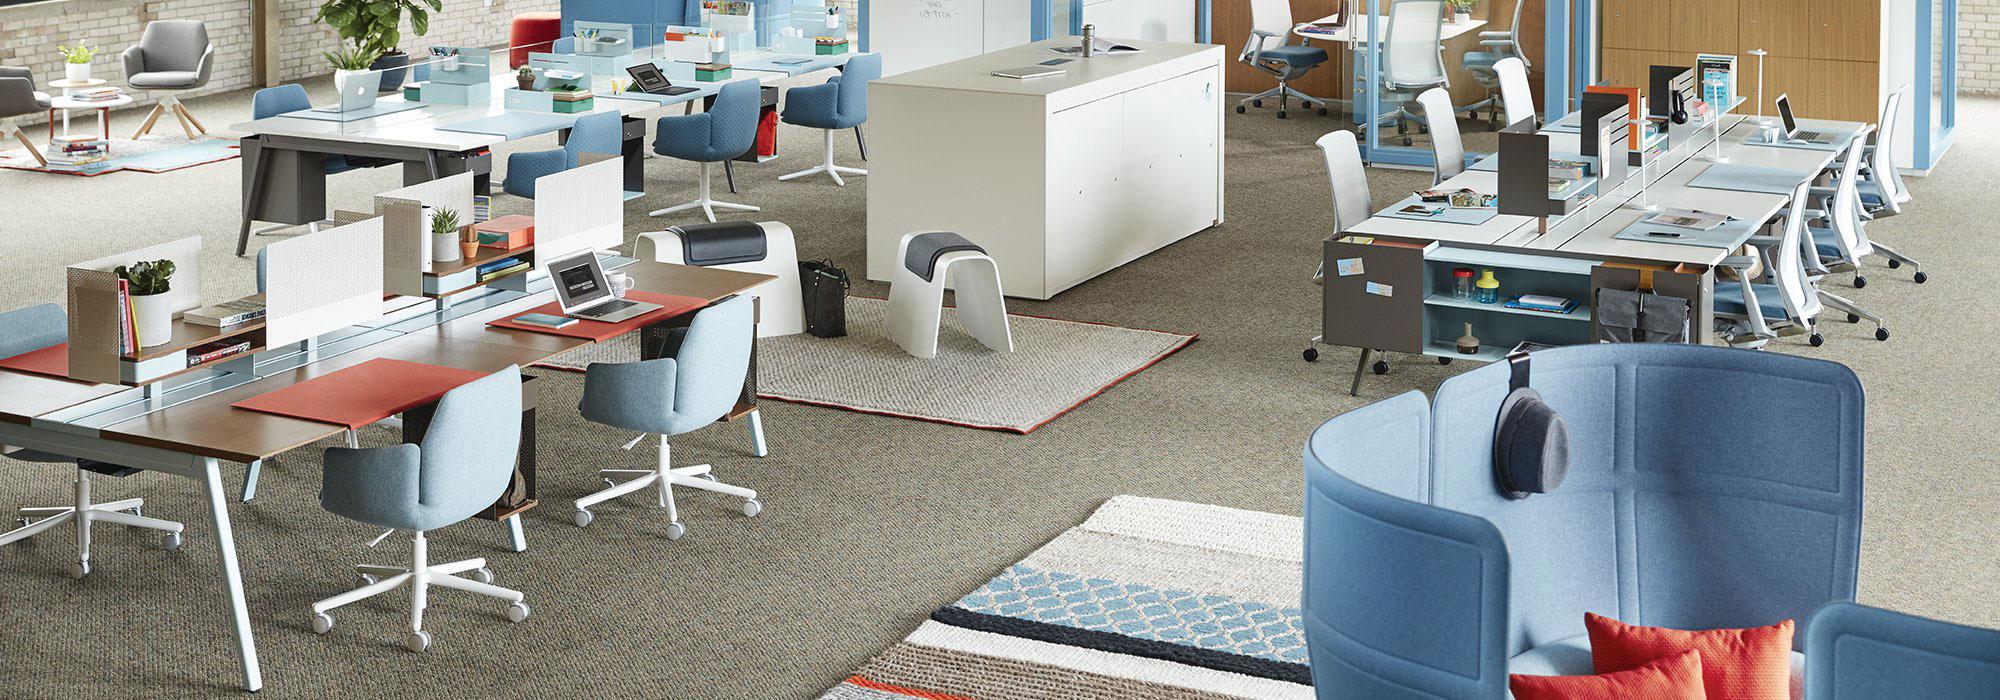 Không gian thiết kế nội thất làm việc của văn phòng 100m2 với tông màu xanh làm chủ đạo nhận diện thương hiệu. Thiết kế tập trung vào các bàn làm việc nhóm, tạo Team làm việc riêng phù hợp với các công ty công nghệ hoặc cty làm việc nhóm